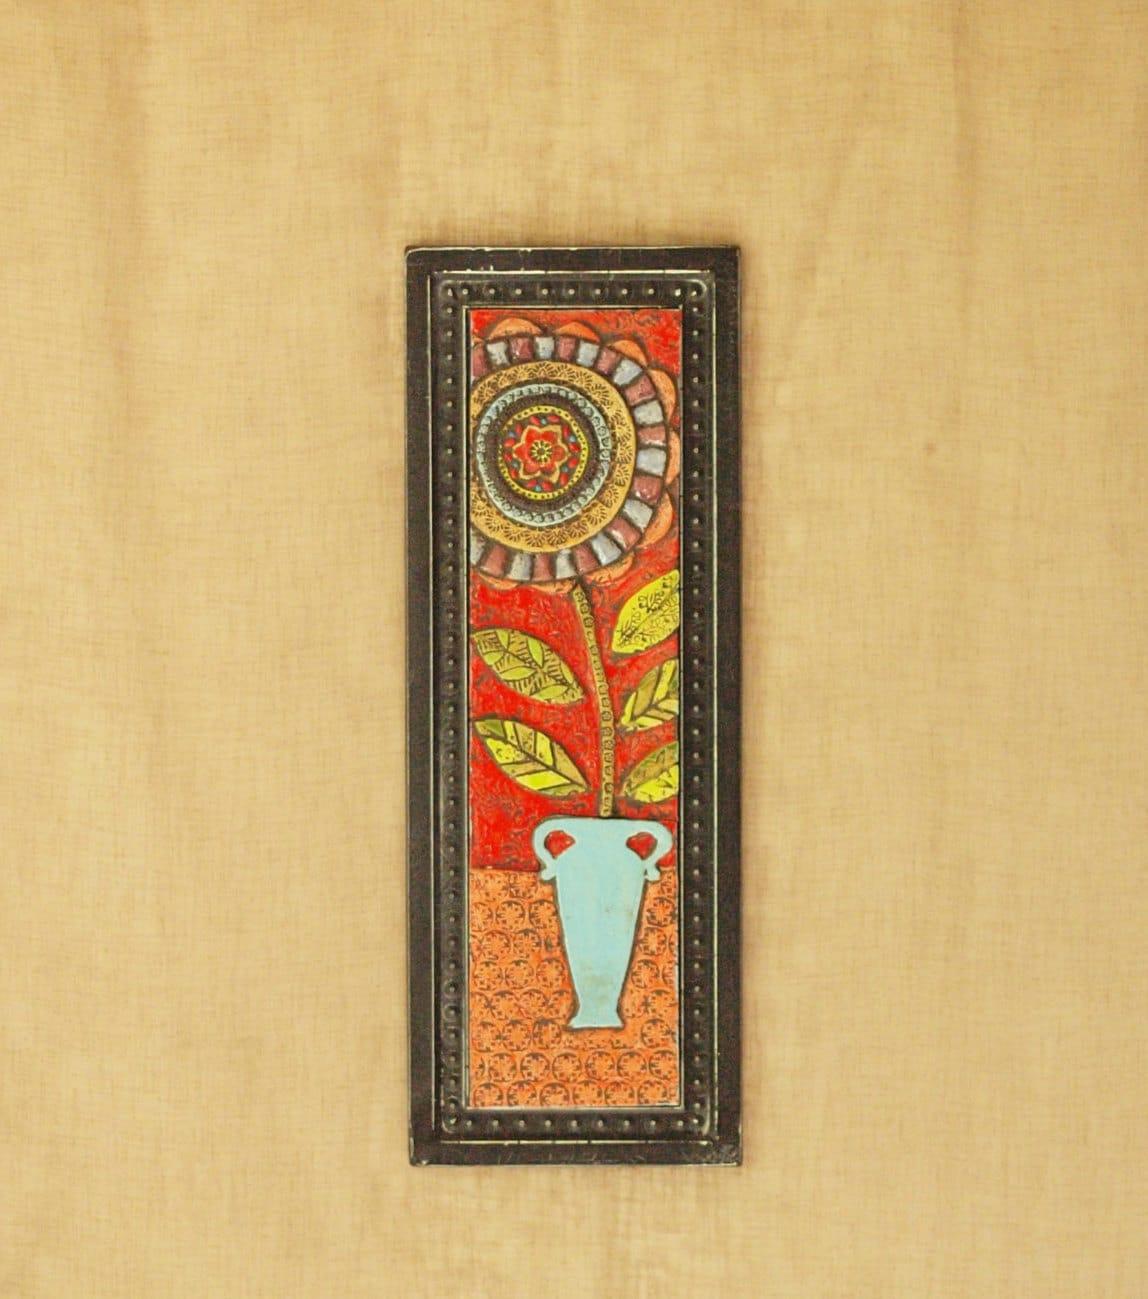 Wall Art Mosaic Wall Art Ceramic Tile Art Blossom in Blue Vase | Etsy